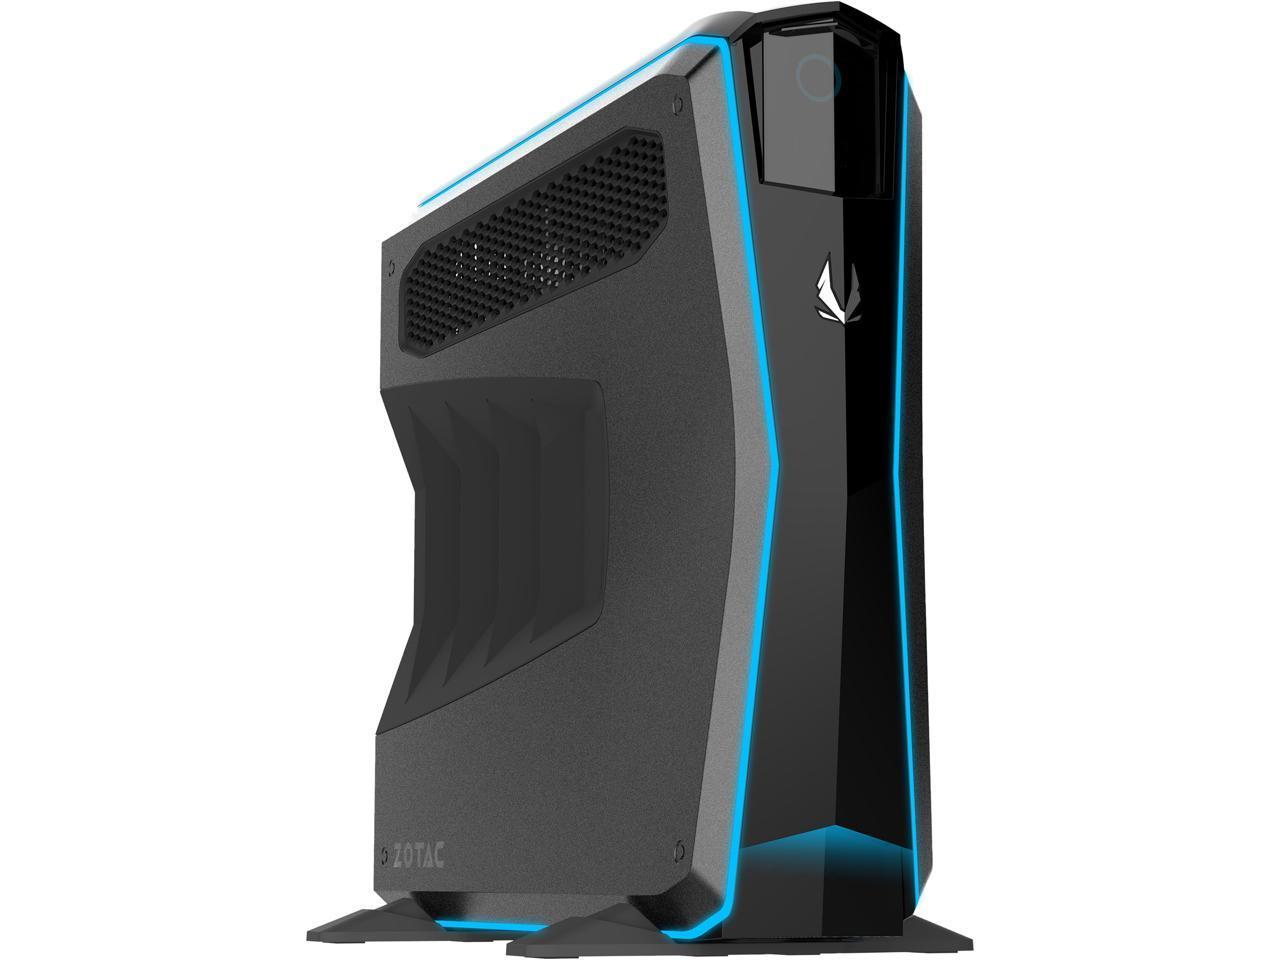 Zotac Gaming MEK1 Gaming PC